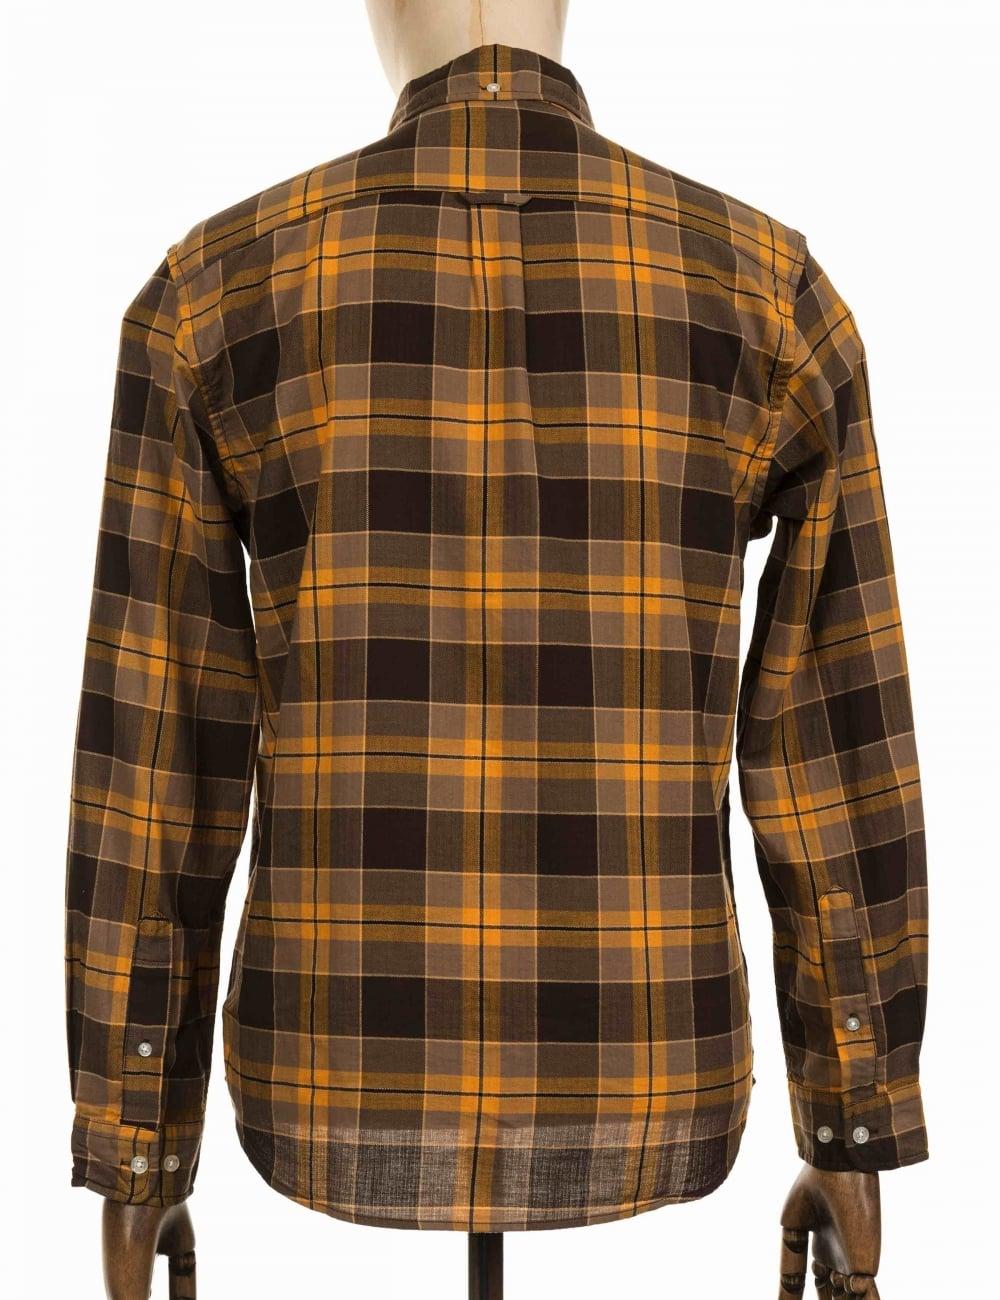 65aa728c669 Edwin Jeans Standard Shirt - Mustard - Clothing from Fat Buddha Store UK